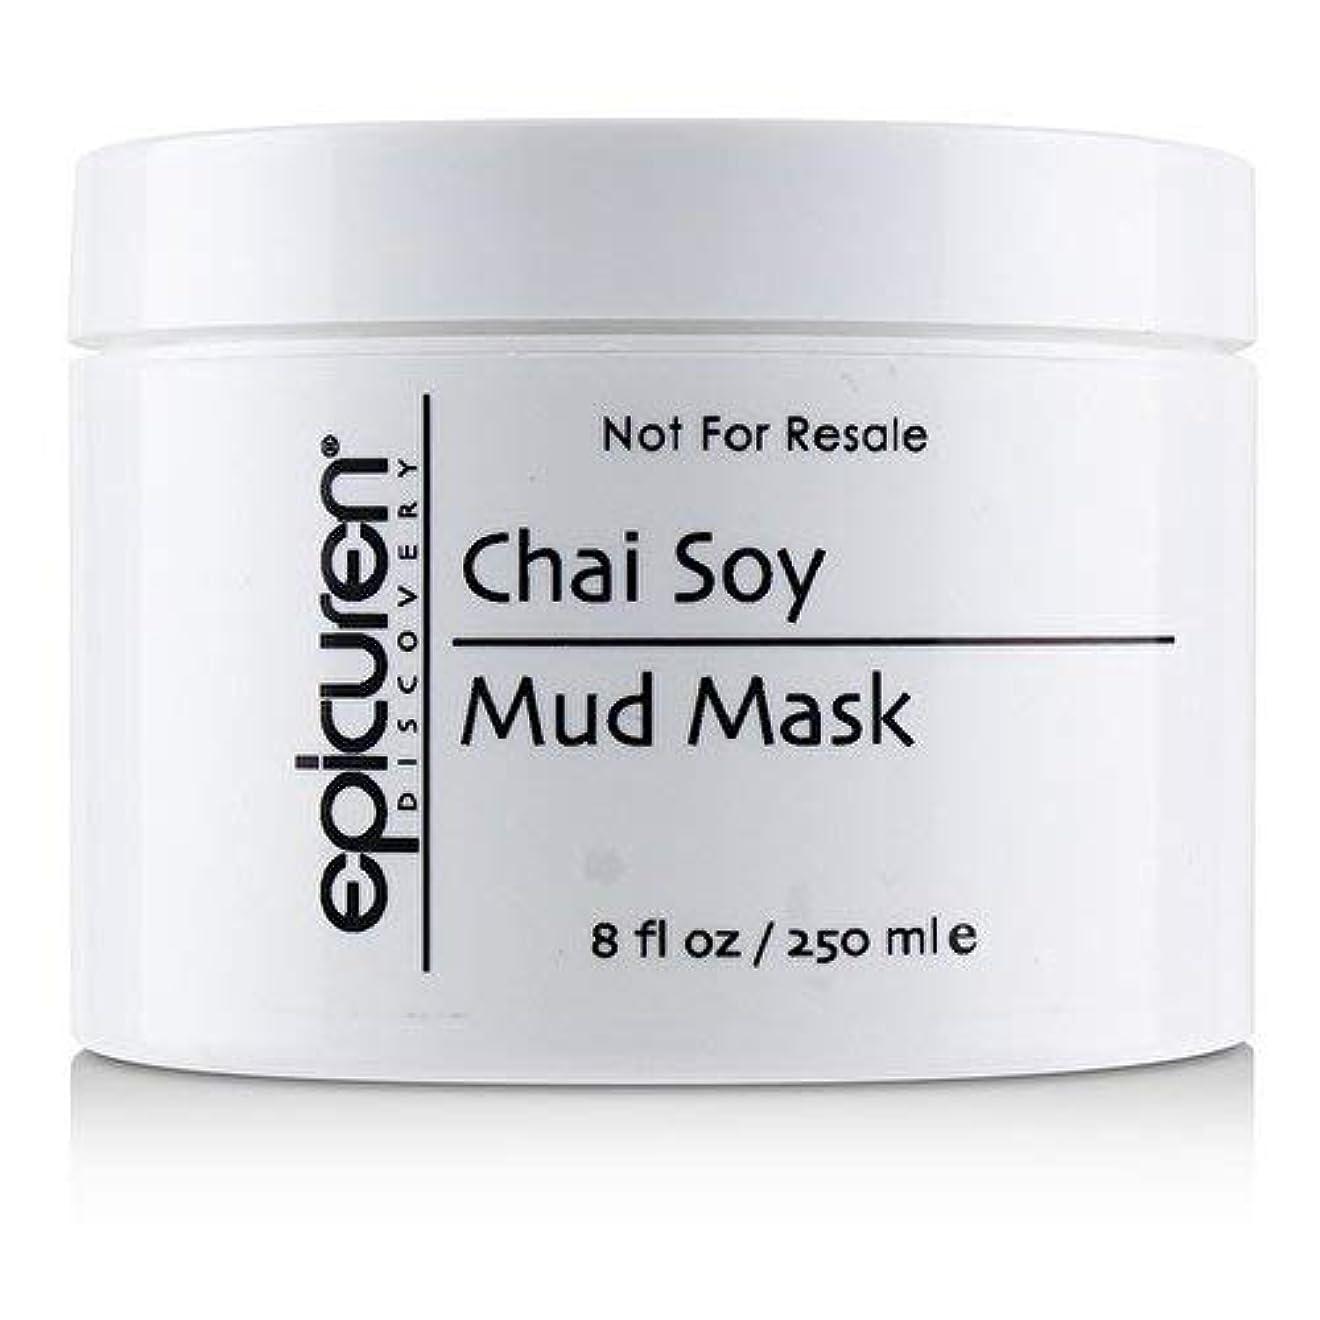 再撮り肝透明にEpicuren Chai Soy Mud Mask - For Oily Skin Types (Salon Size) 250ml/8oz並行輸入品